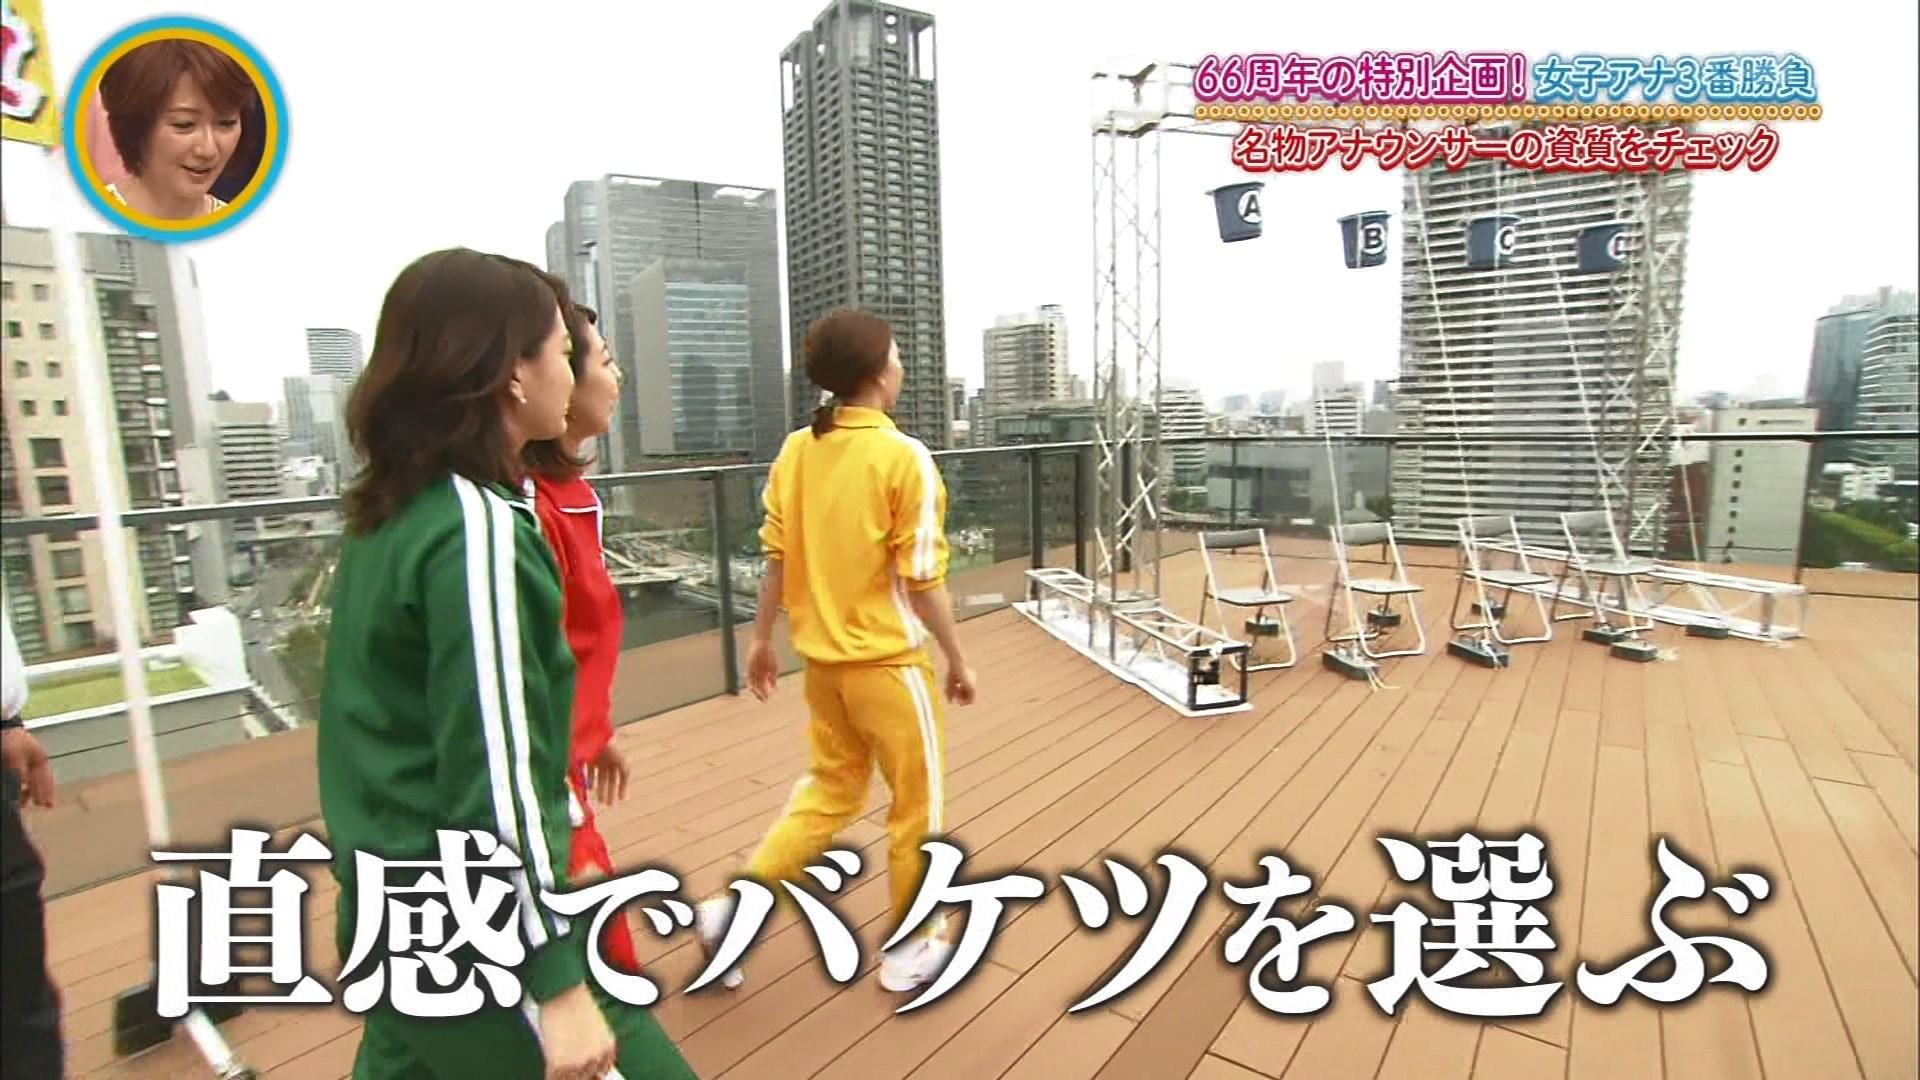 塚本麻里衣・川添佳穂114